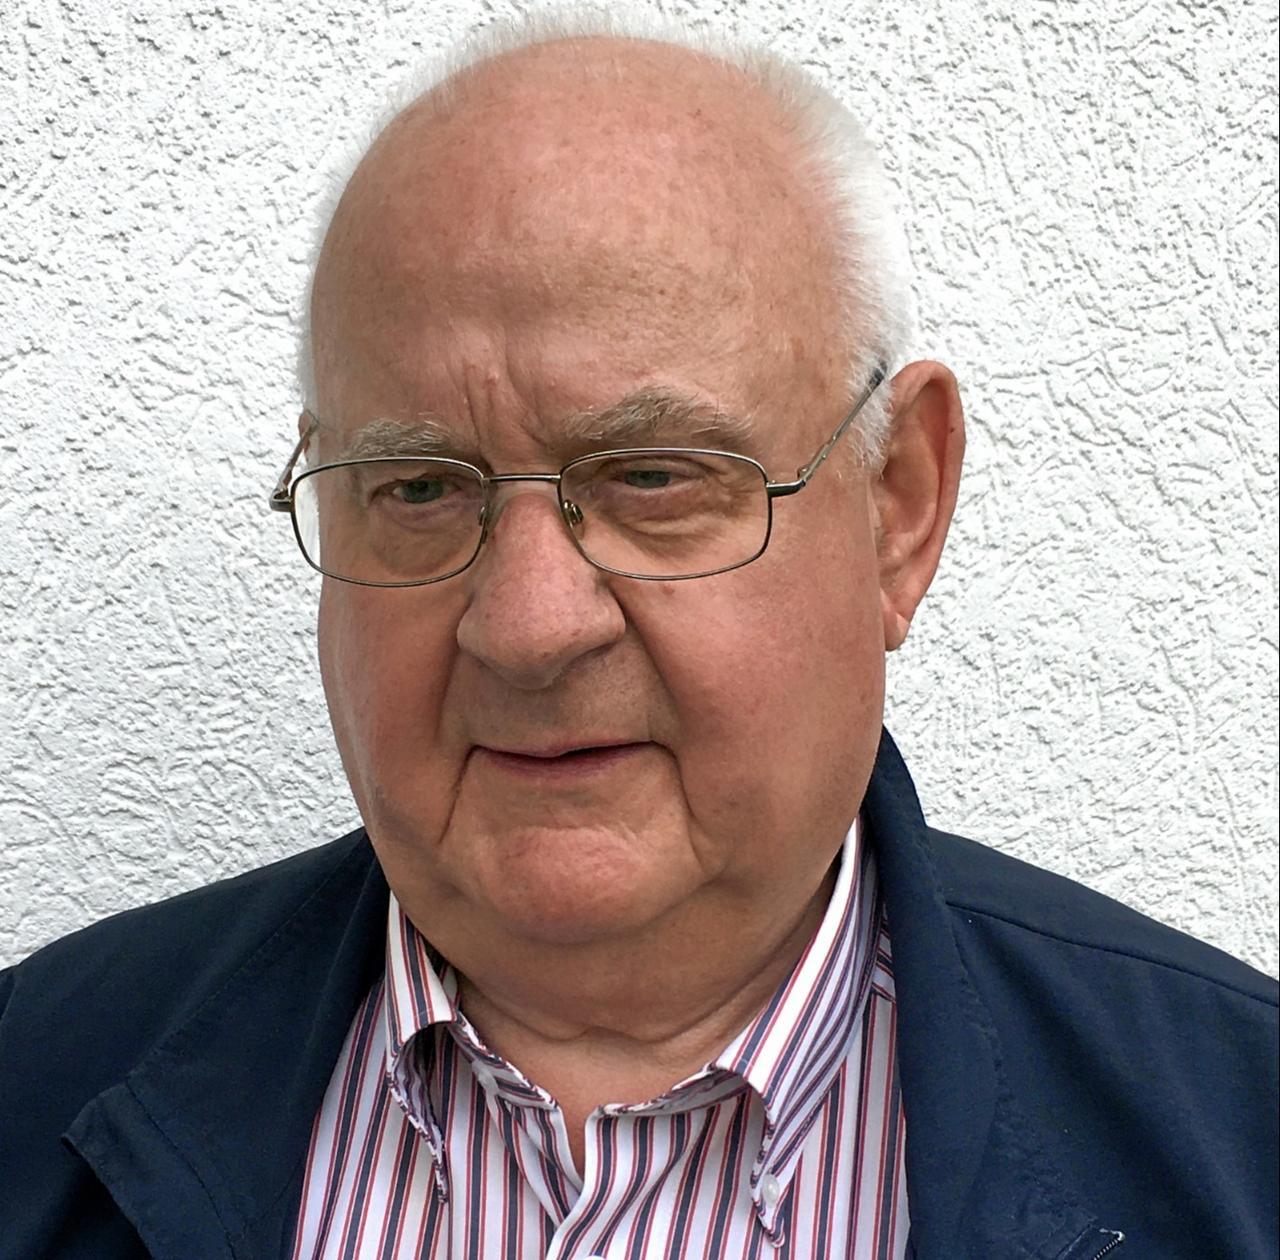 Jörg Gliemann wird 80 Jahre alt